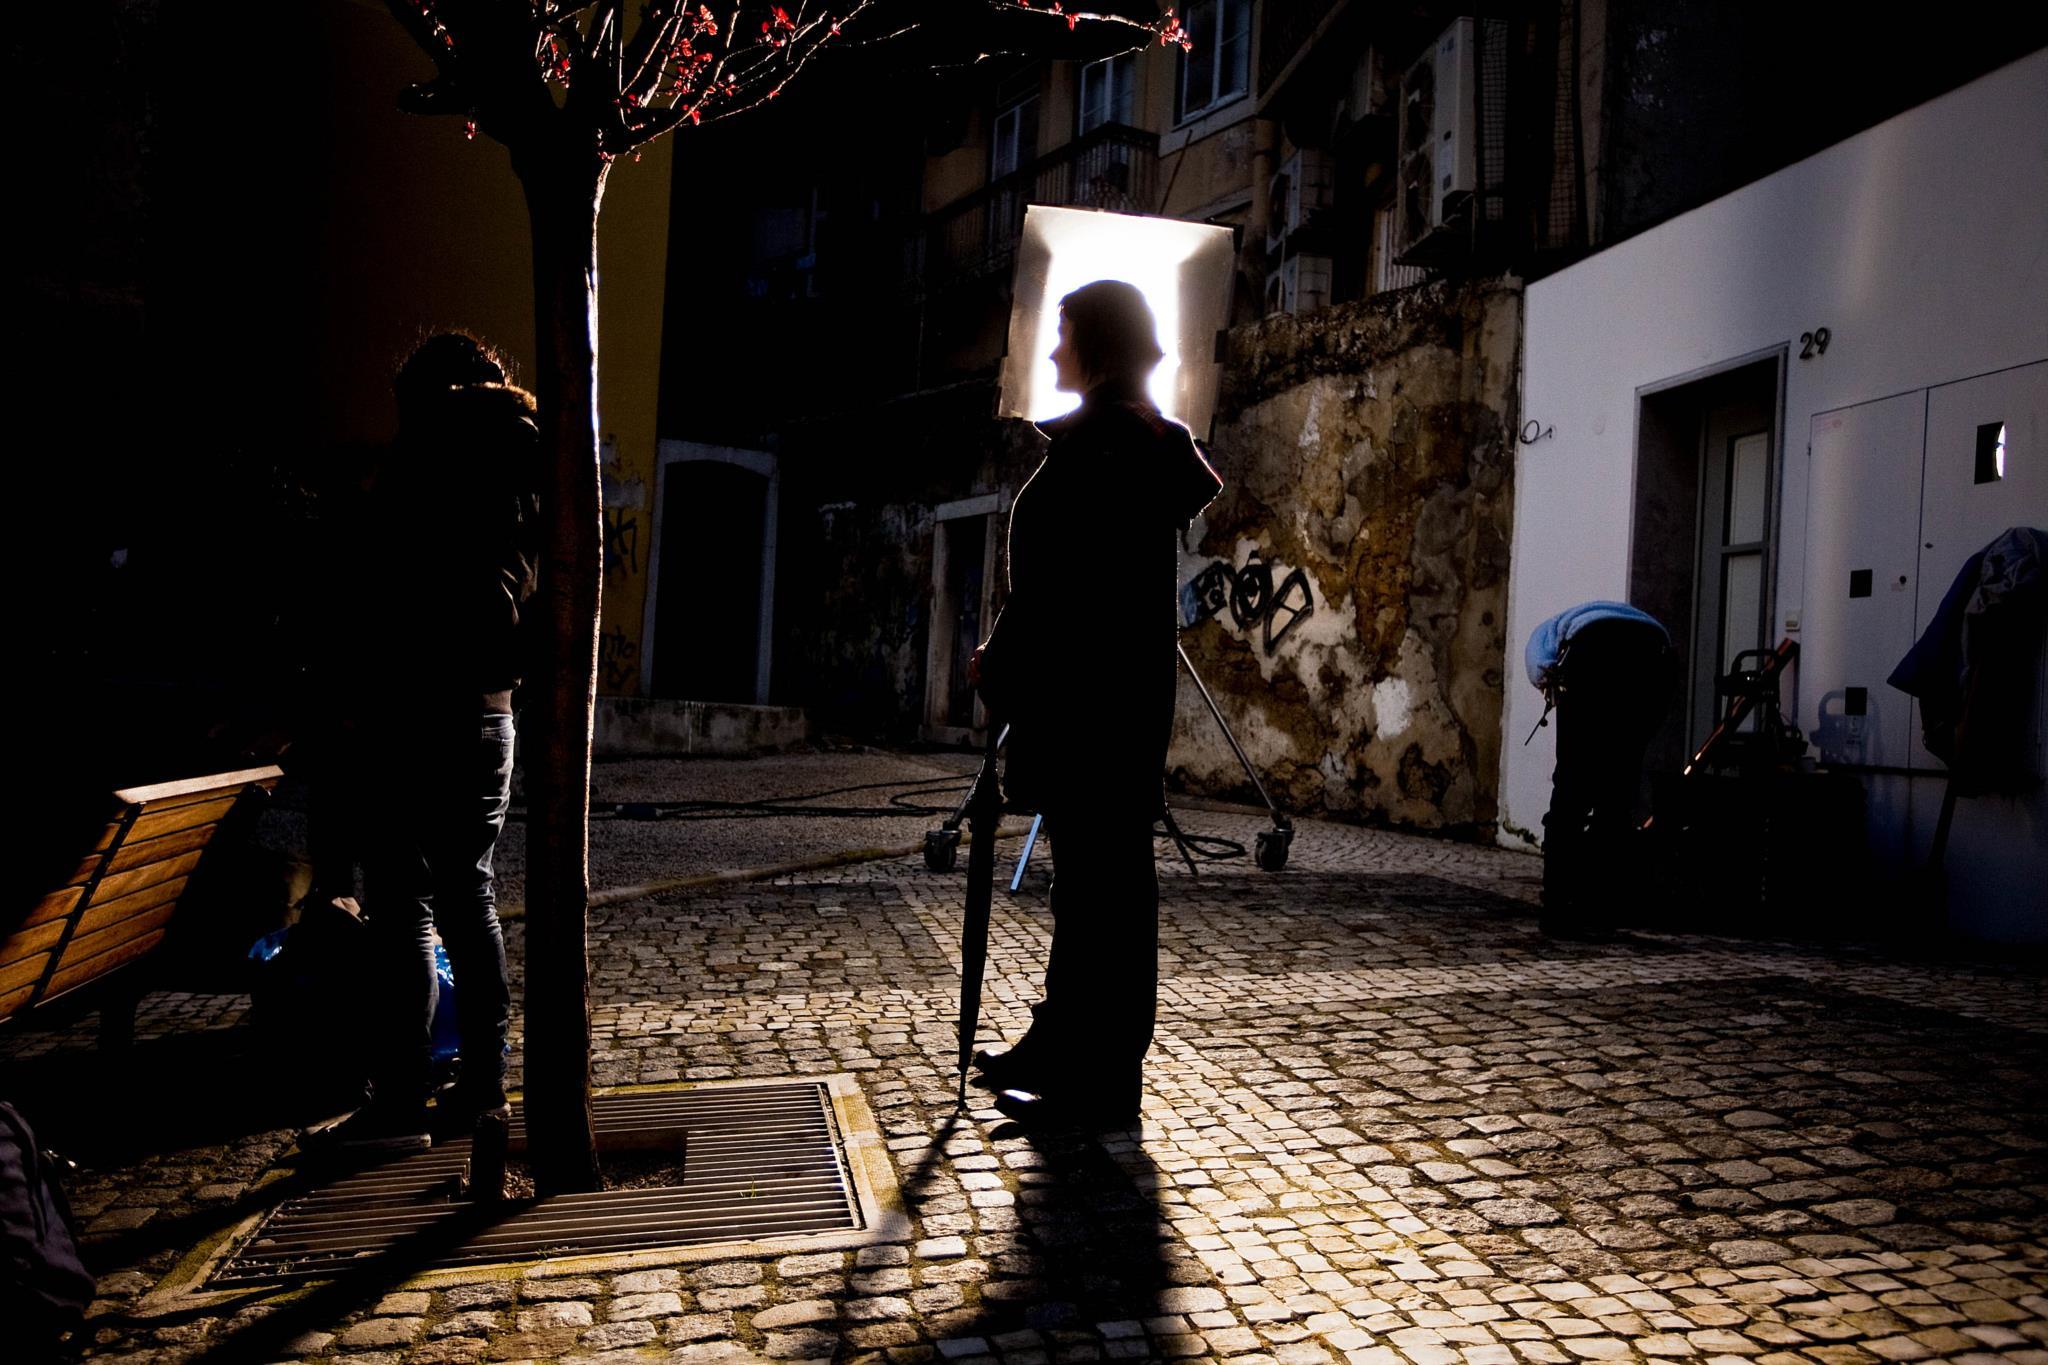 PÚBLICO - Alterações à Lei do Cinema vão continuar em discussão e concursos abrem em Março